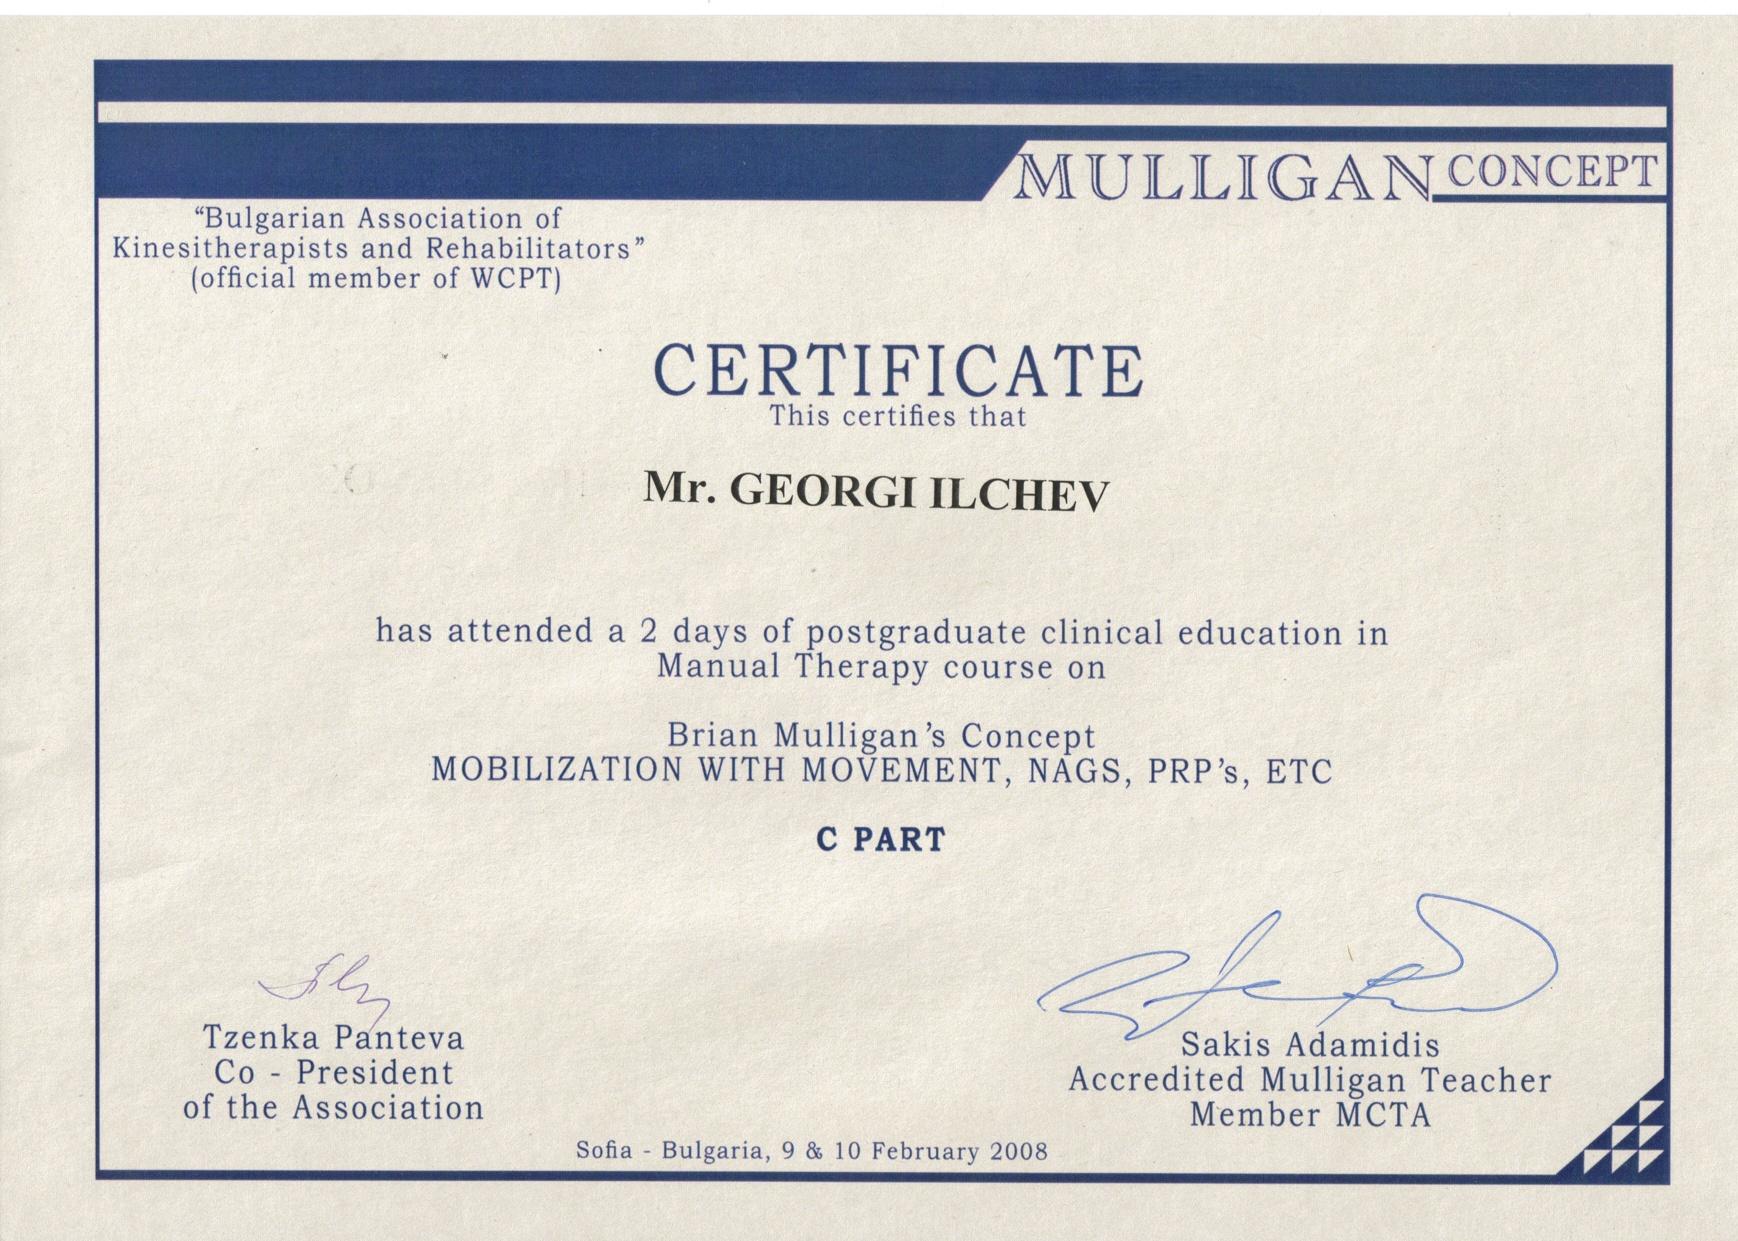 certificate-mulligan-part-c